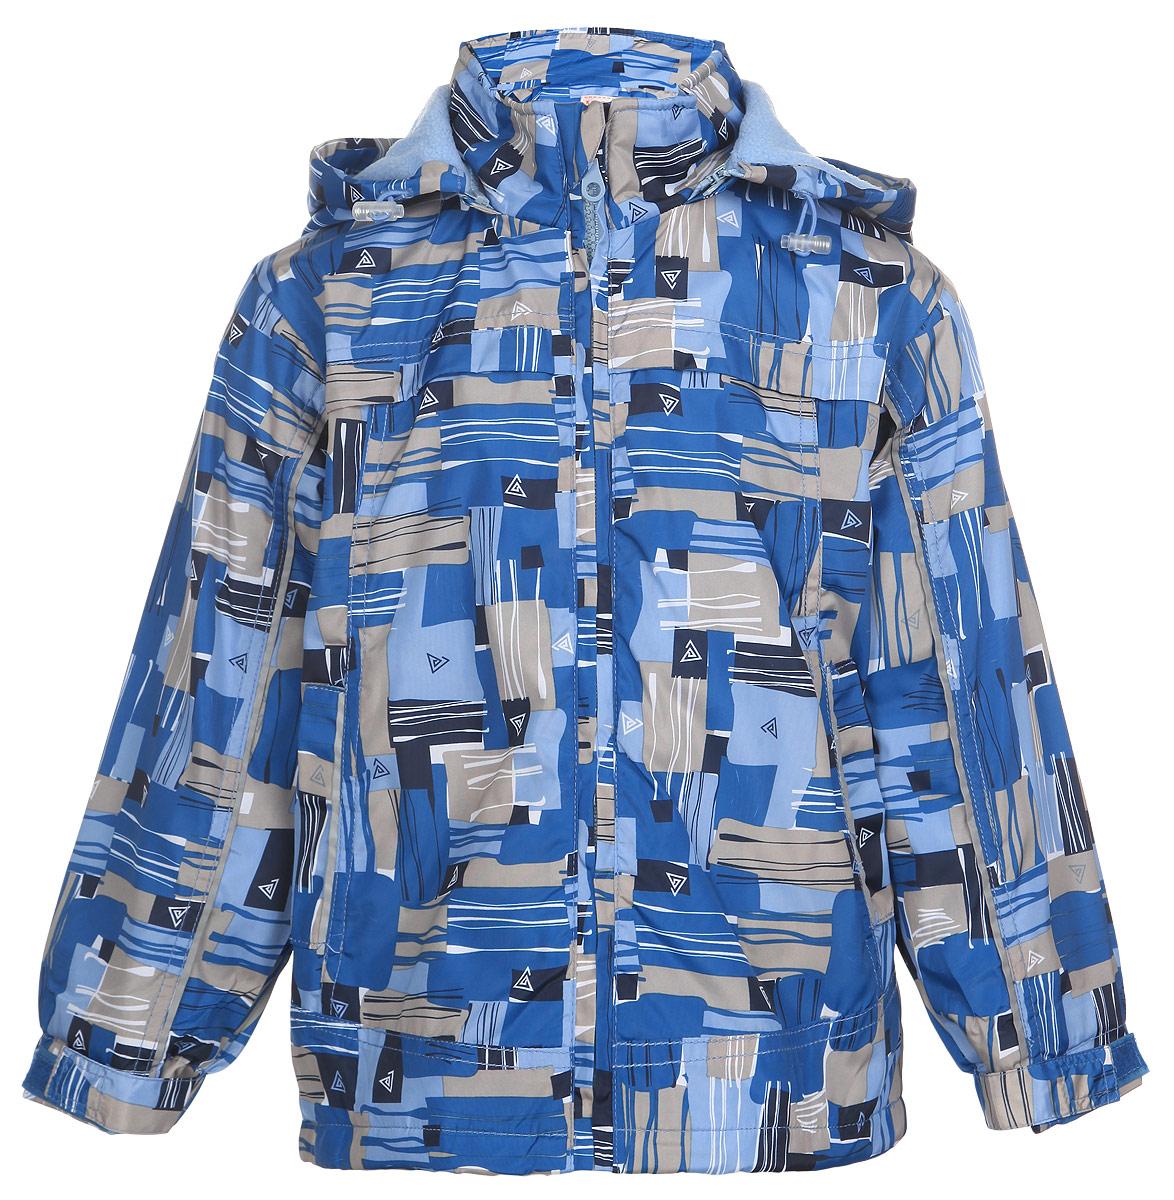 111603R-10Легкая куртка для мальчика M&D, изготовленная из полиэстера, идеально подойдет для ребенка в прохладную погоду. Для большего комфорта на подкладке используется мягкий флис, который хорошо сохраняет тепло. Куртка с капюшоном застегивается на пластиковую молнию с защитой подбородка. Капюшон по краю дополнен затягивающимся шнурком со стопперами. Низ рукавов присборен на резинки. Ширину манжет можно регулировать при помощи хлястиков на липучках. Низ куртки оснащен резинкой со стопперами, защищающей от проникновения холодного воздуха. Спереди расположены два втачных кармана. Оформлено изделие оригинальным принтом. Куртка дополнена светоотражающими элементами для безопасности ребенка в темное время суток. Комфортная, удобная и практичная куртка идеально подойдет для прогулок и игр на свежем воздухе!